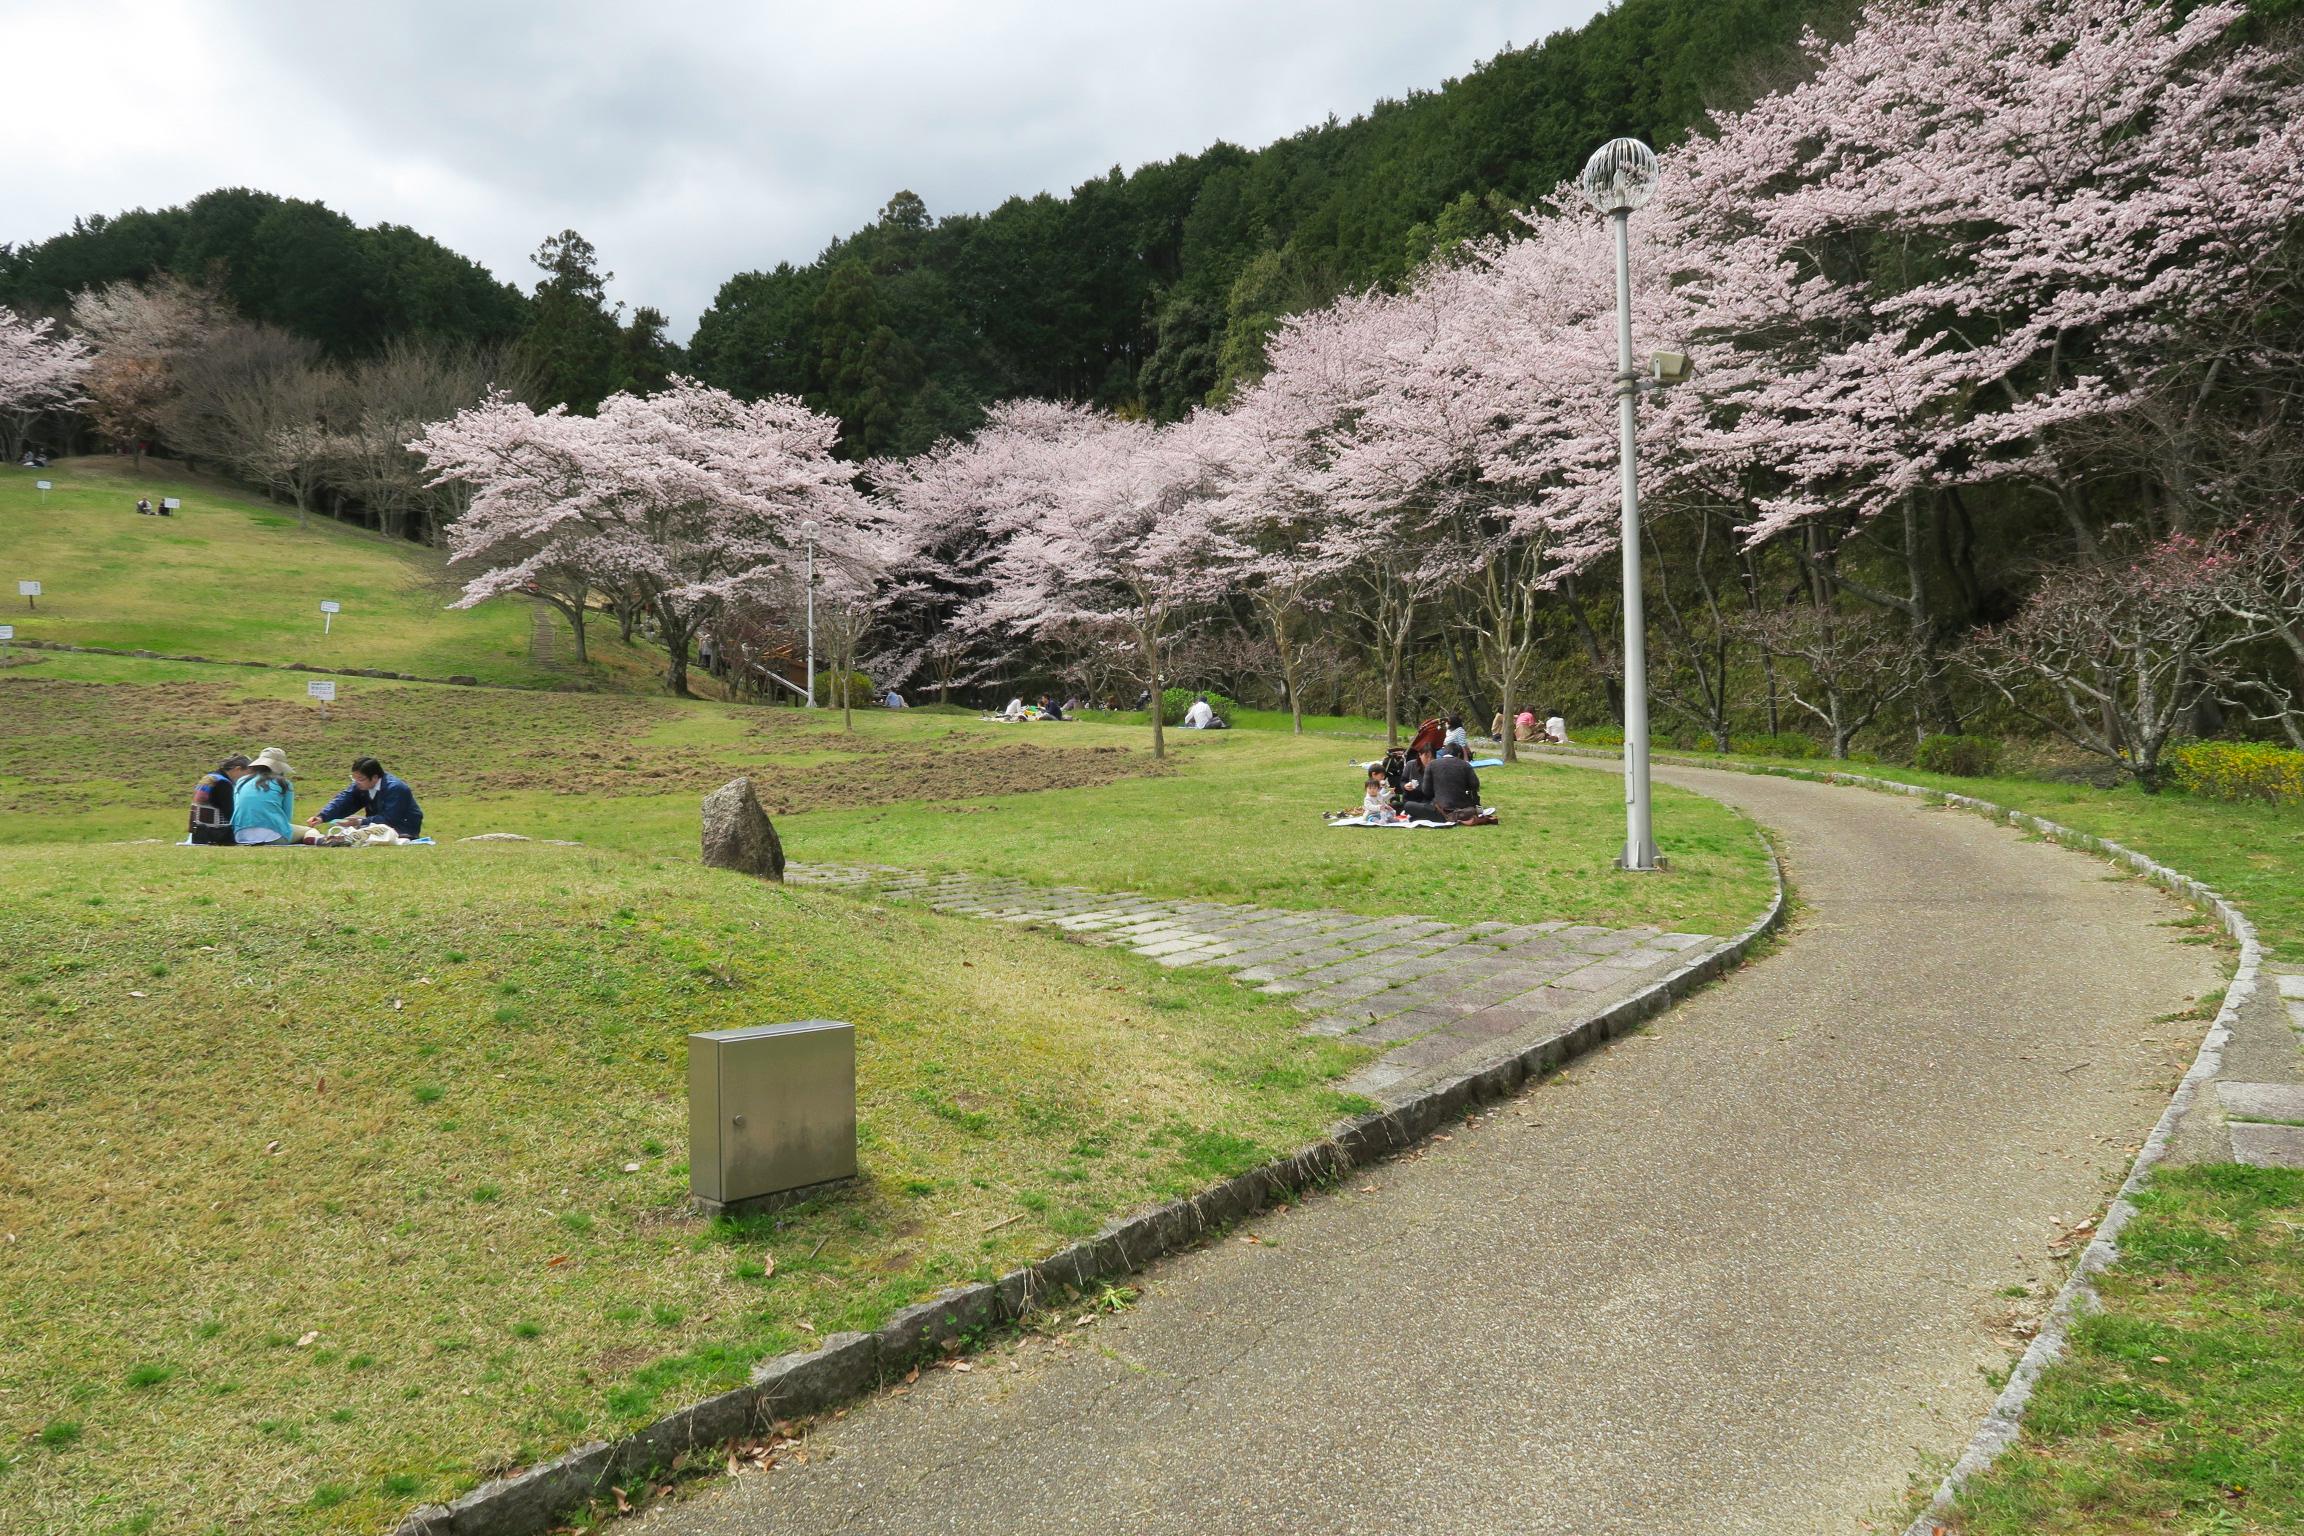 桜は満開!駐車場は満車でしたが、公園はひろ~いので、ゆったりとスペース確保できます。